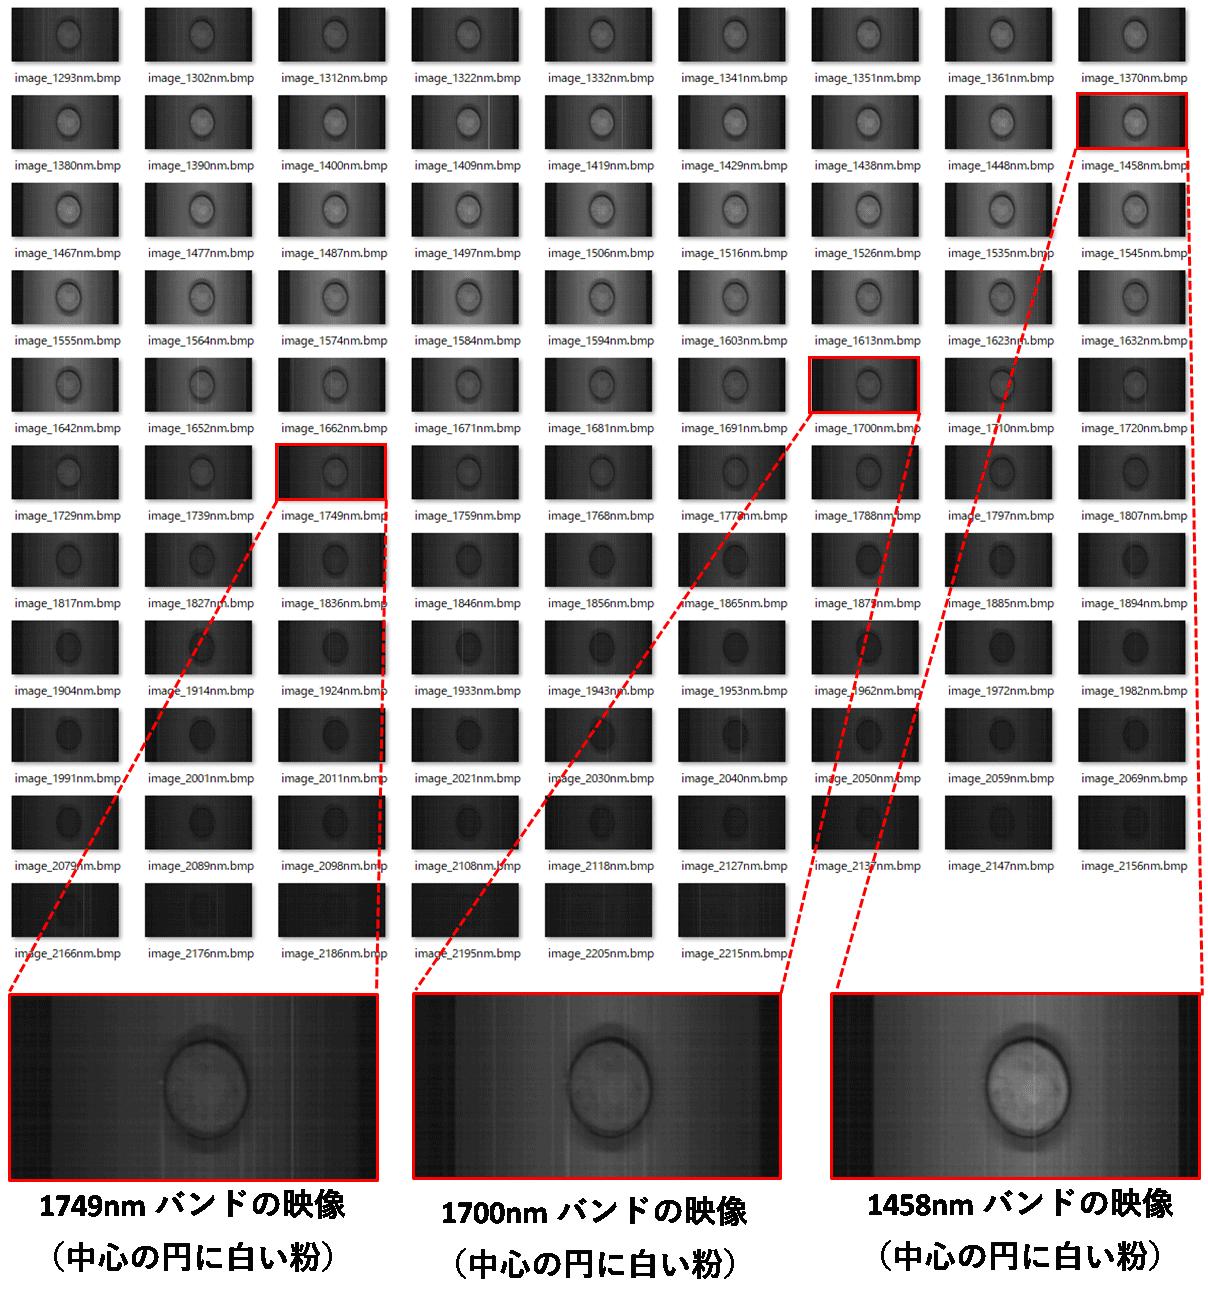 ハイパースペクトルカメラで撮影した重曹の画像